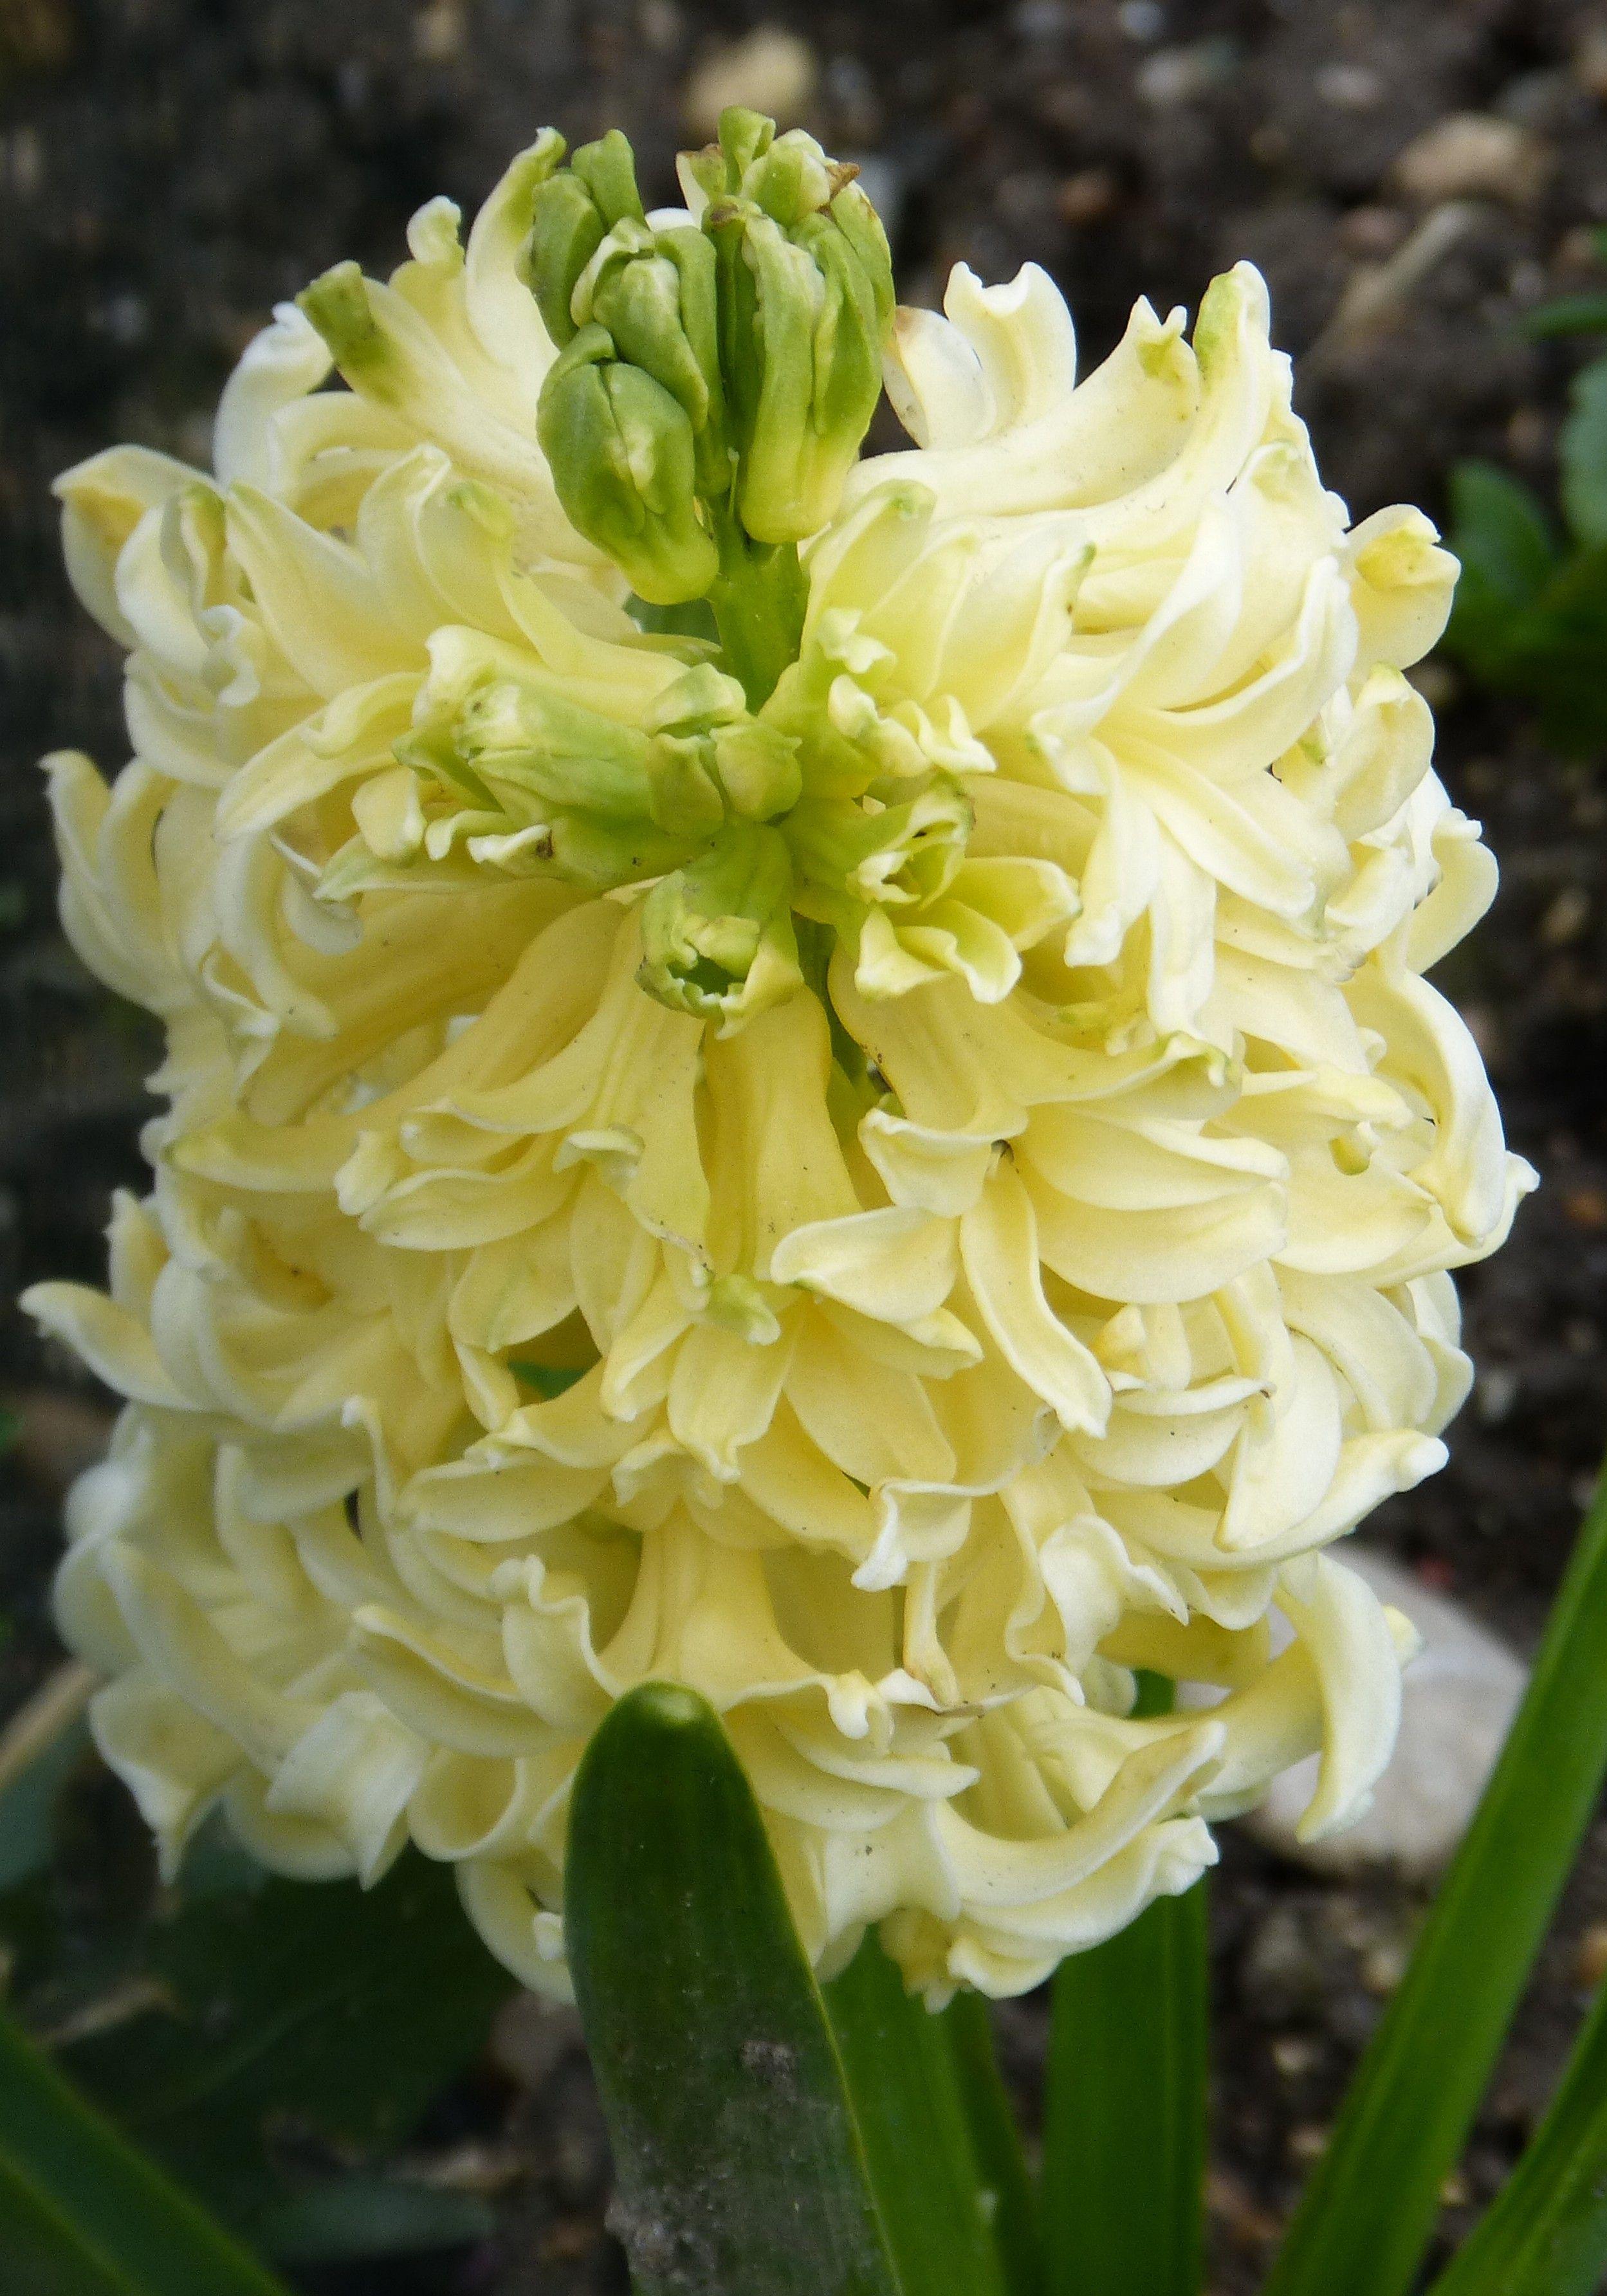 Jacinthe (originaire de l'espèce sauvage du MoyenOrient